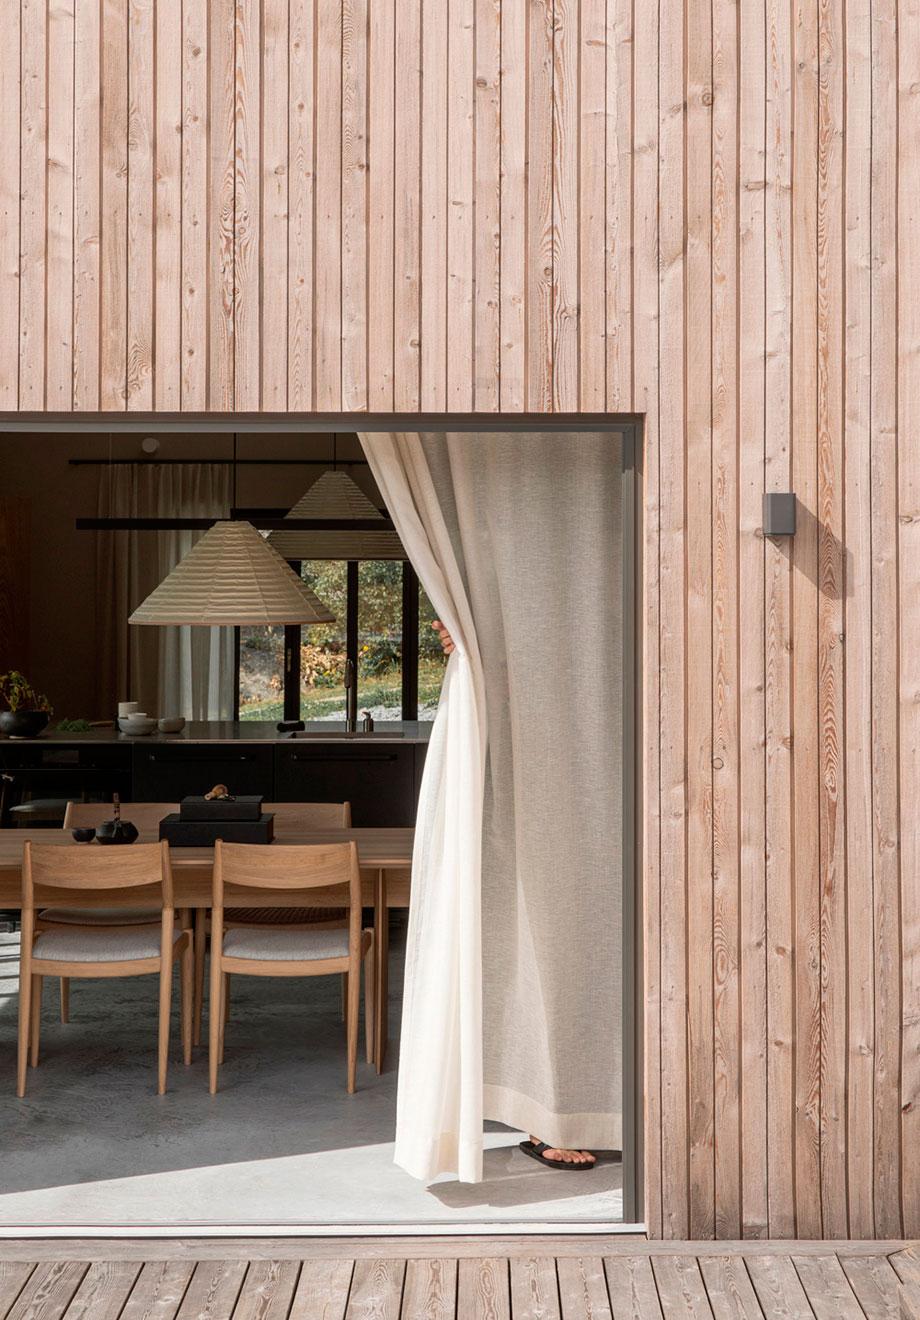 archipielago house de norm architects (5) - foto jonas bjerre-poulsen